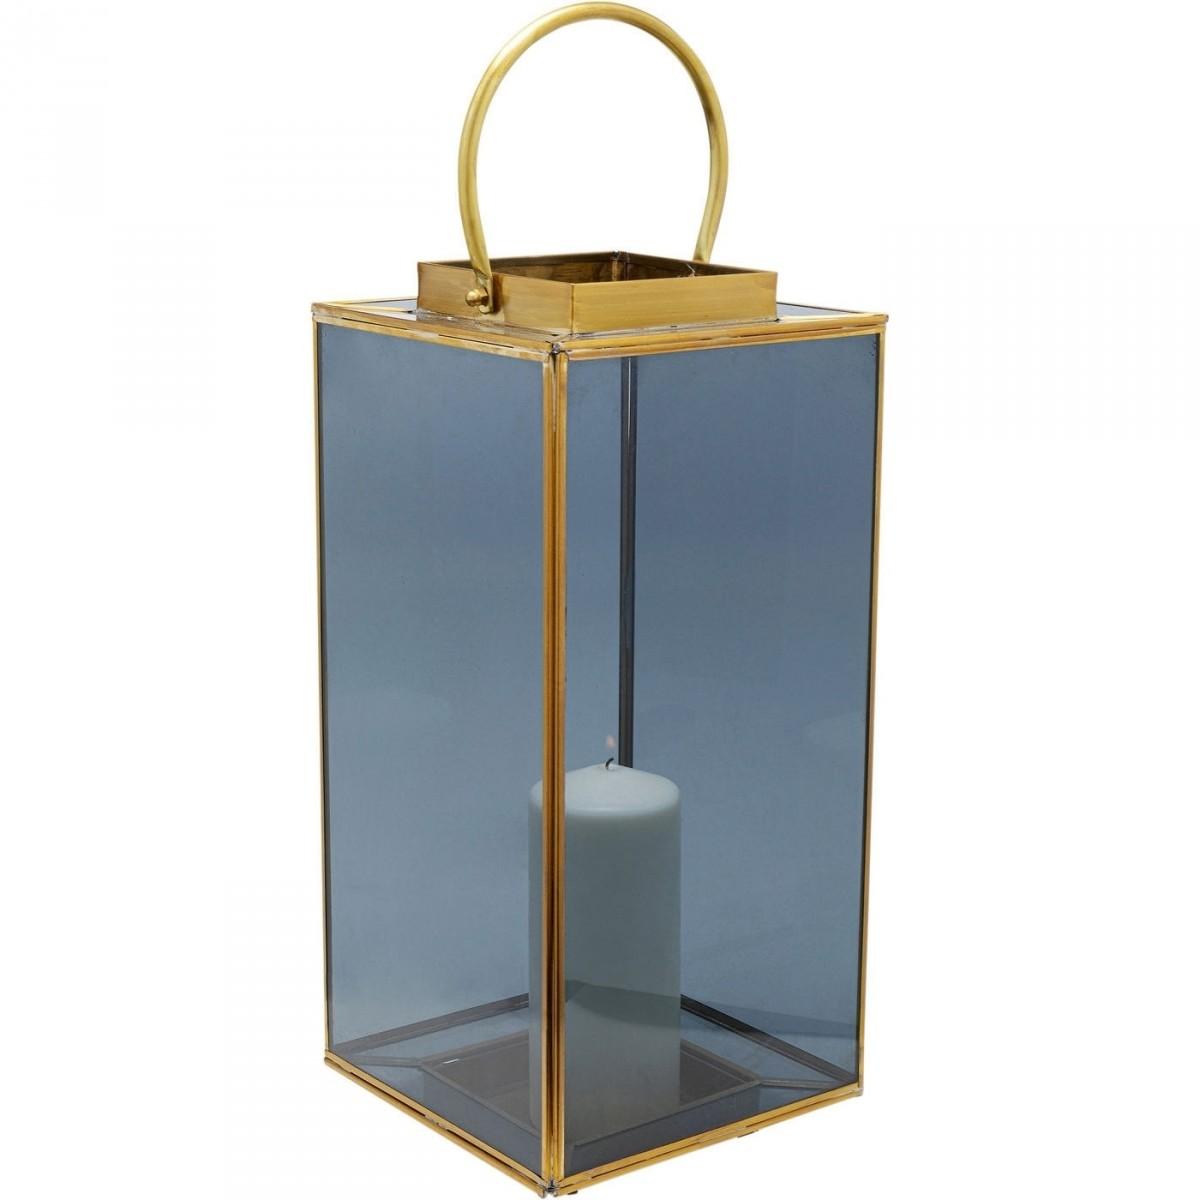 kare design Kare design kvadratisk noir small lanterne - glas og messing på boboonline.dk